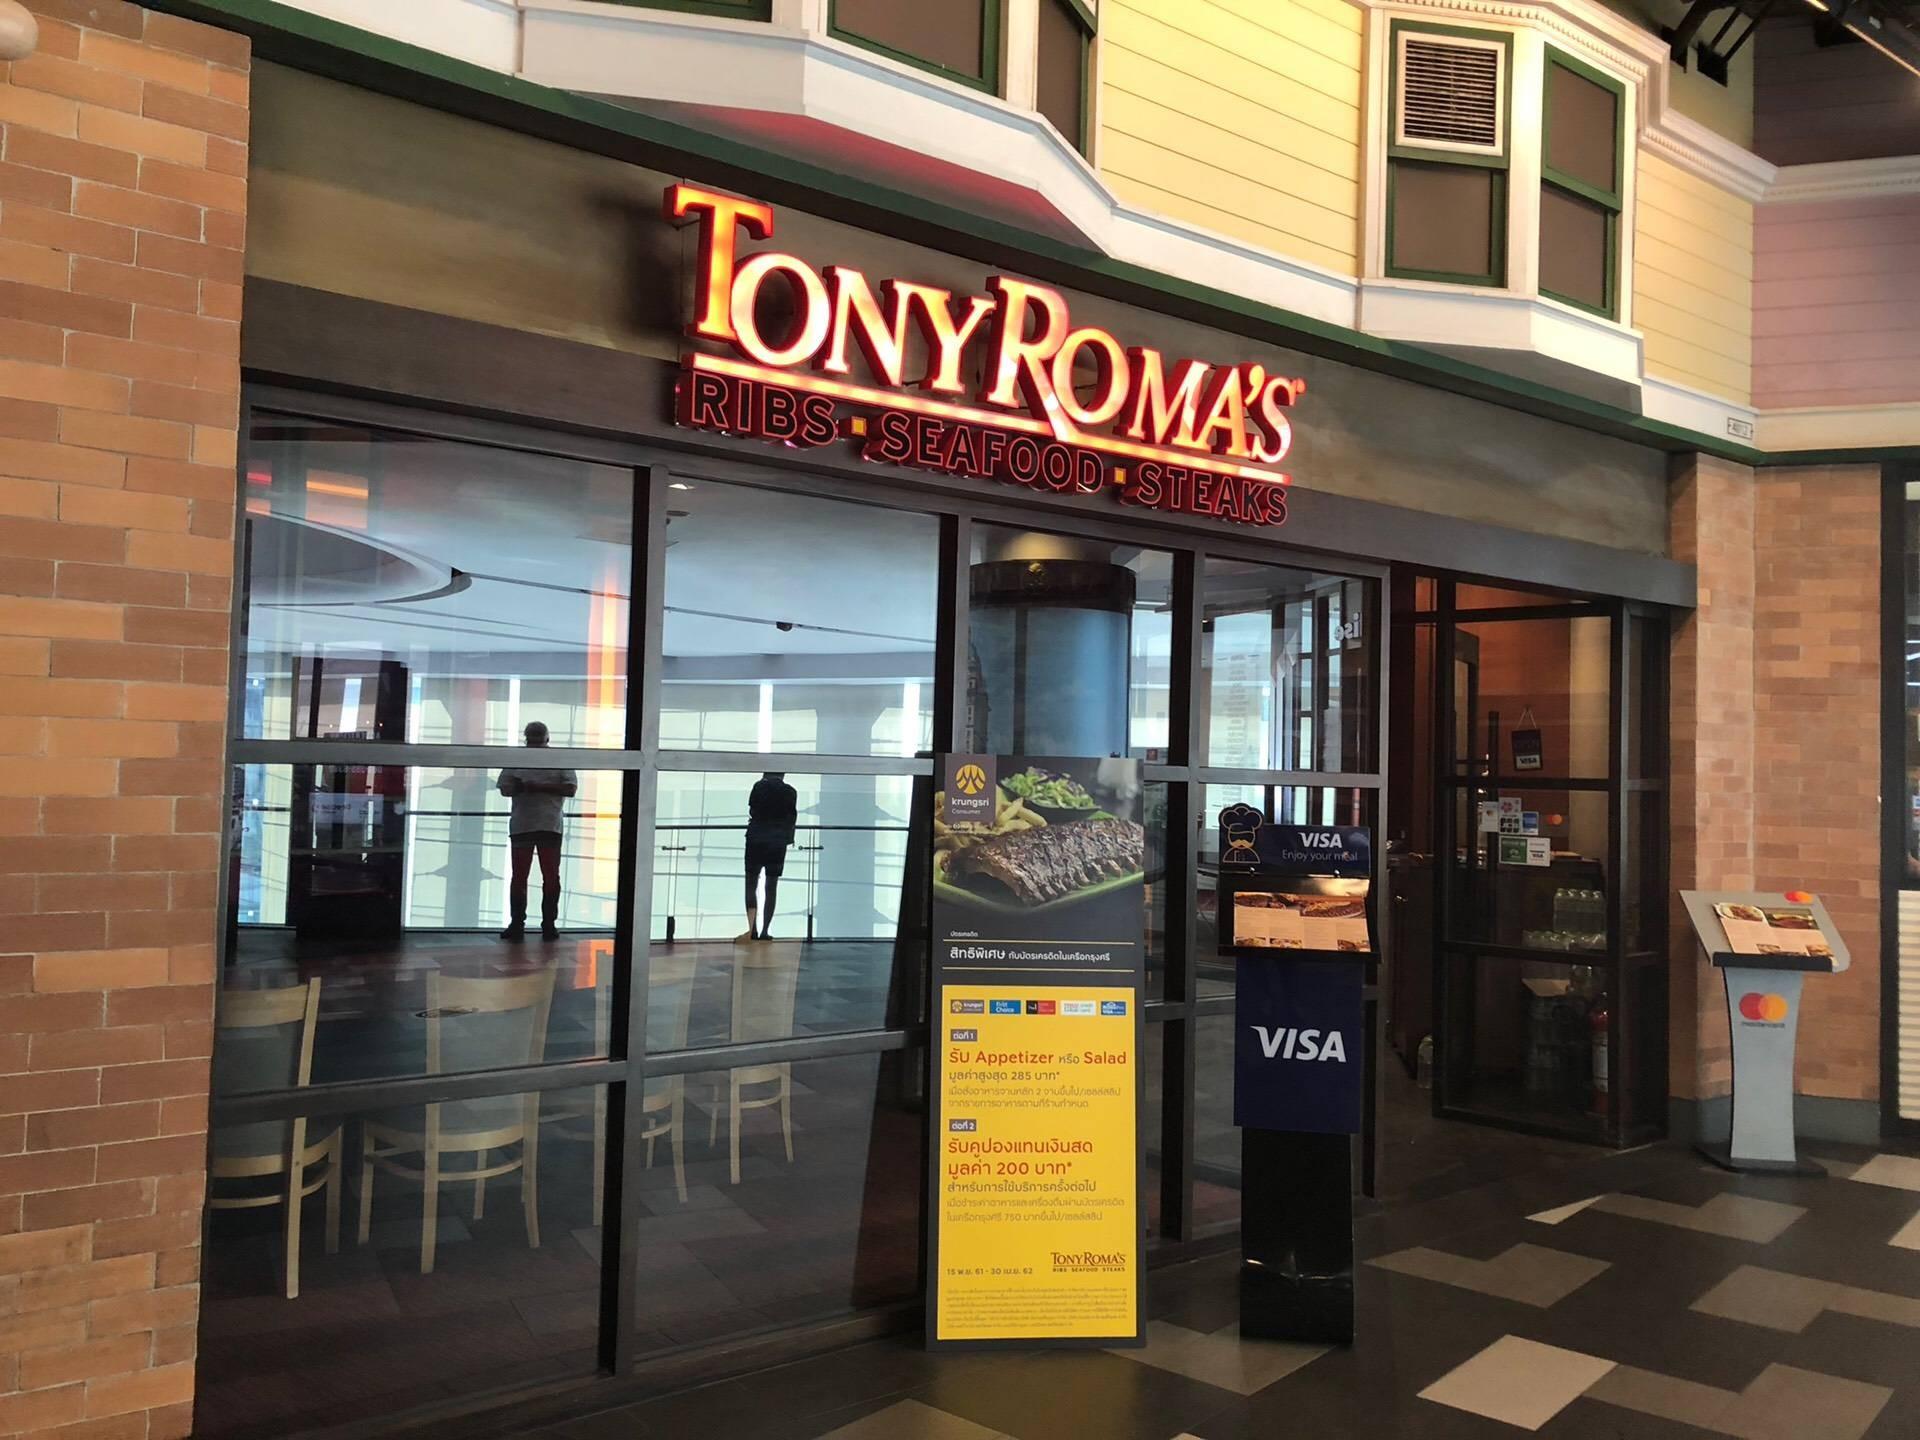 Tony Roma's เทอร์มินอล 21